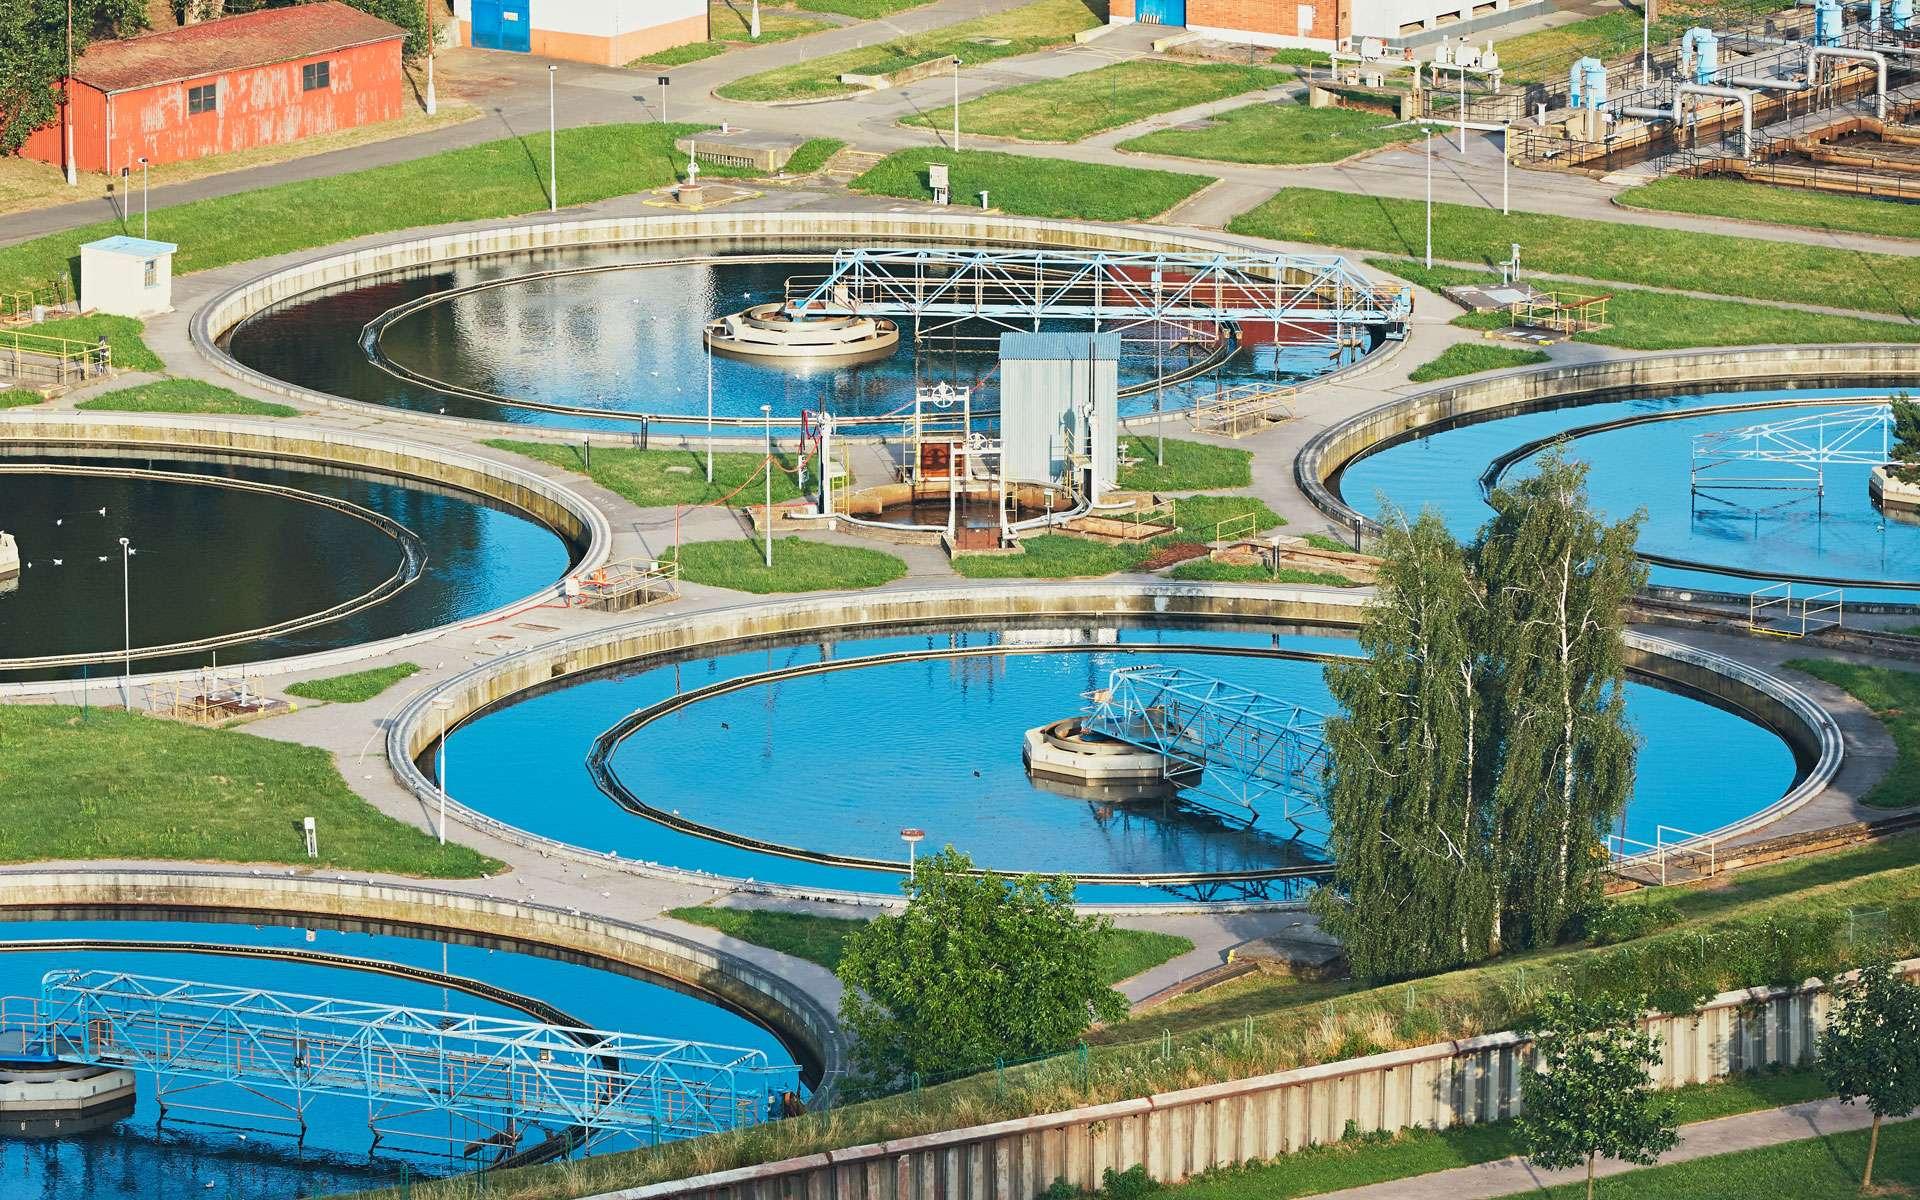 Station d'épuration des eaux usées © Chalabala / Envato